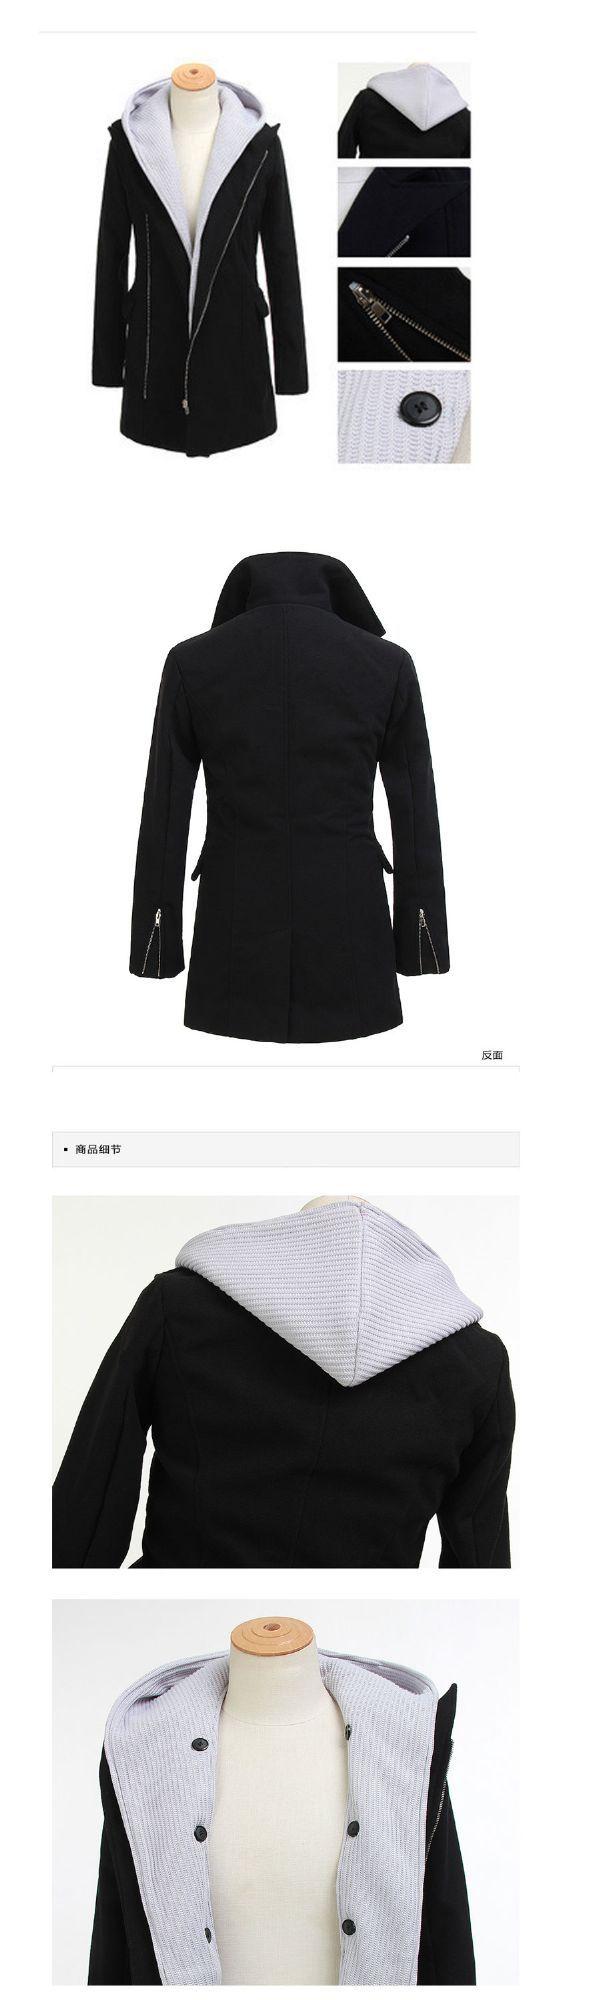 เสื้อกันหนาวผู้ชายพร้อมส่ง : โค้ท 2 ตัว fake มีฮูดนิตต์ถอดได้